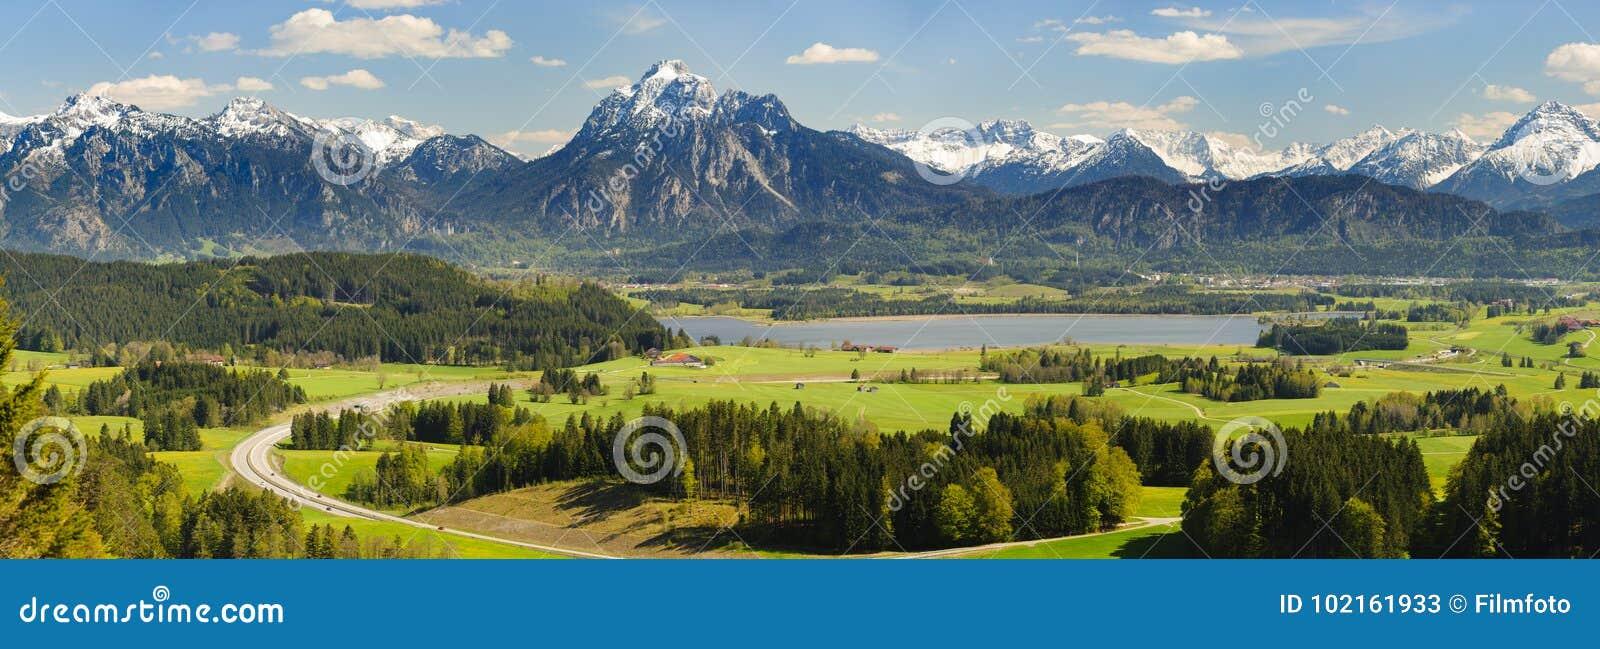 Panoramalandskap i Bayern med fjällängberg